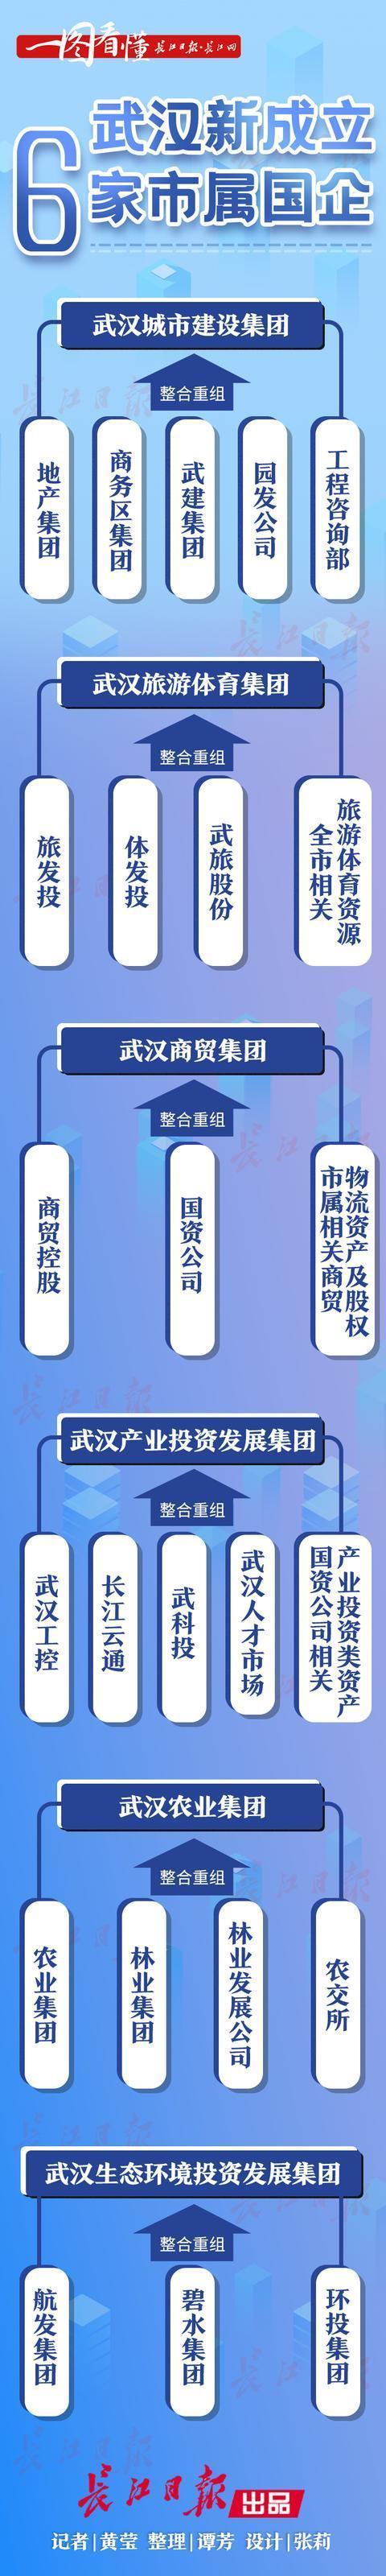 32家国有企业重组为13家,武汉新一轮国有企业改革拉开帷幕 第1张